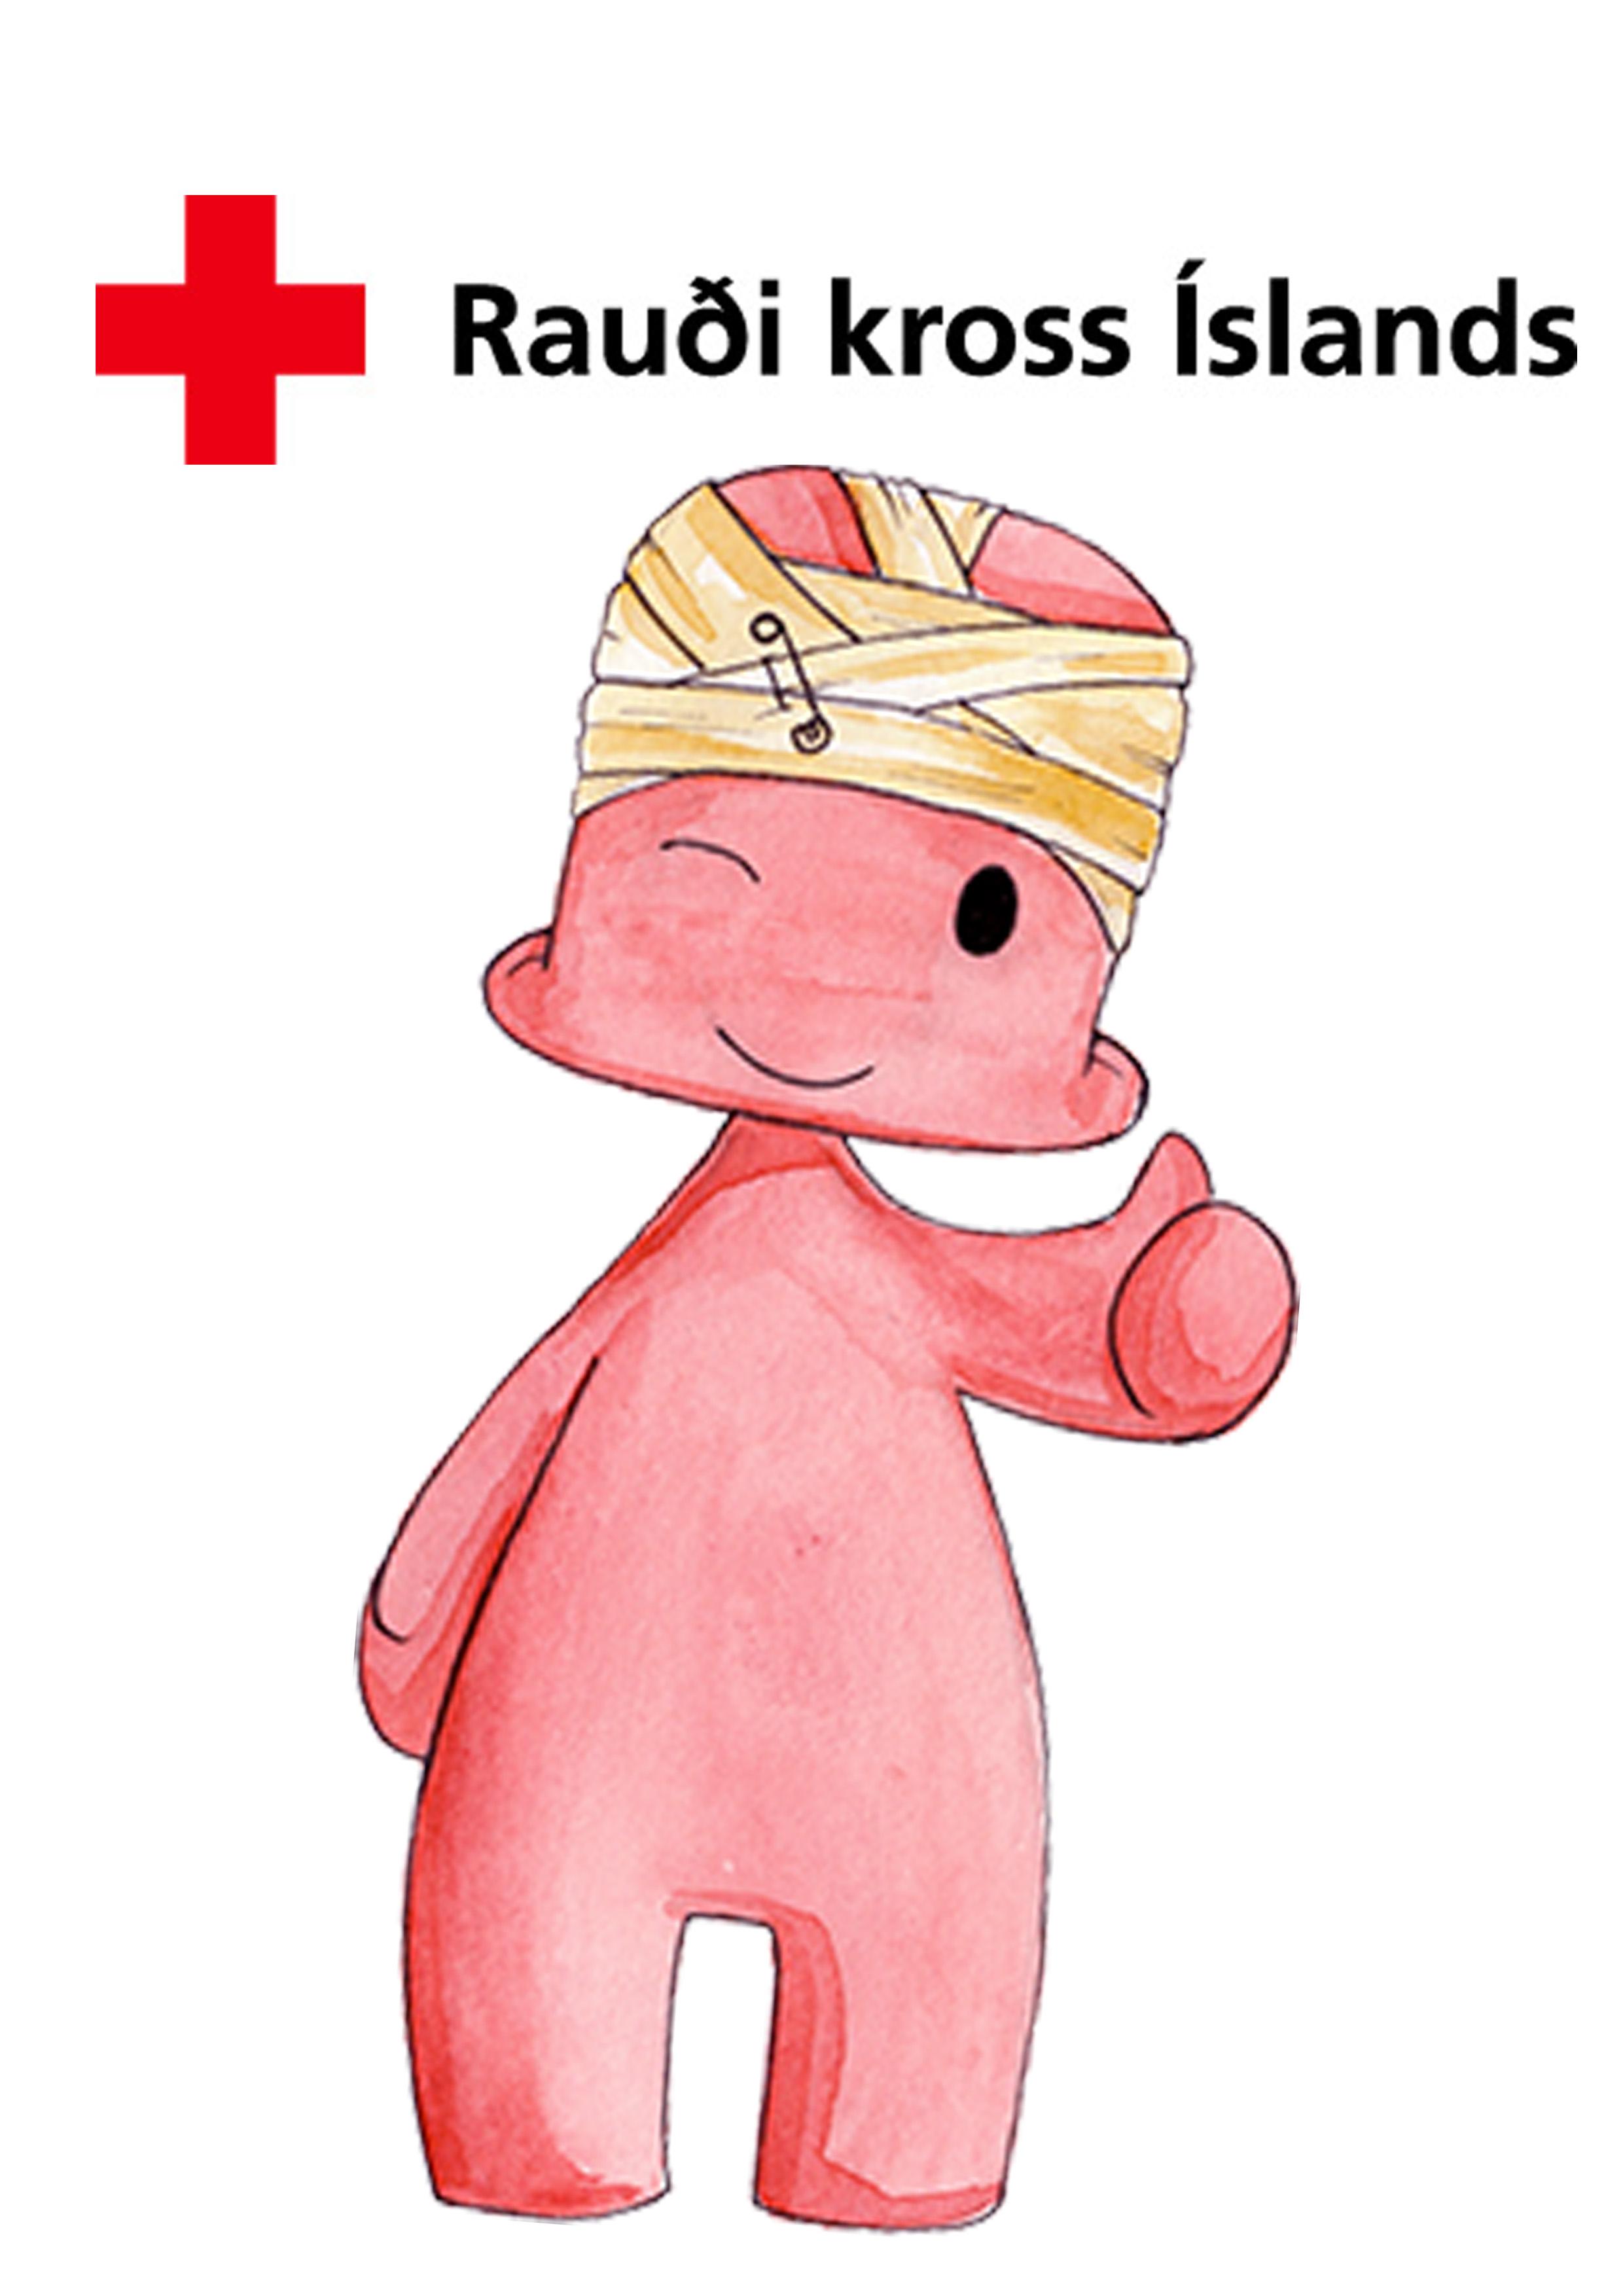 Rauði Kross Íslands